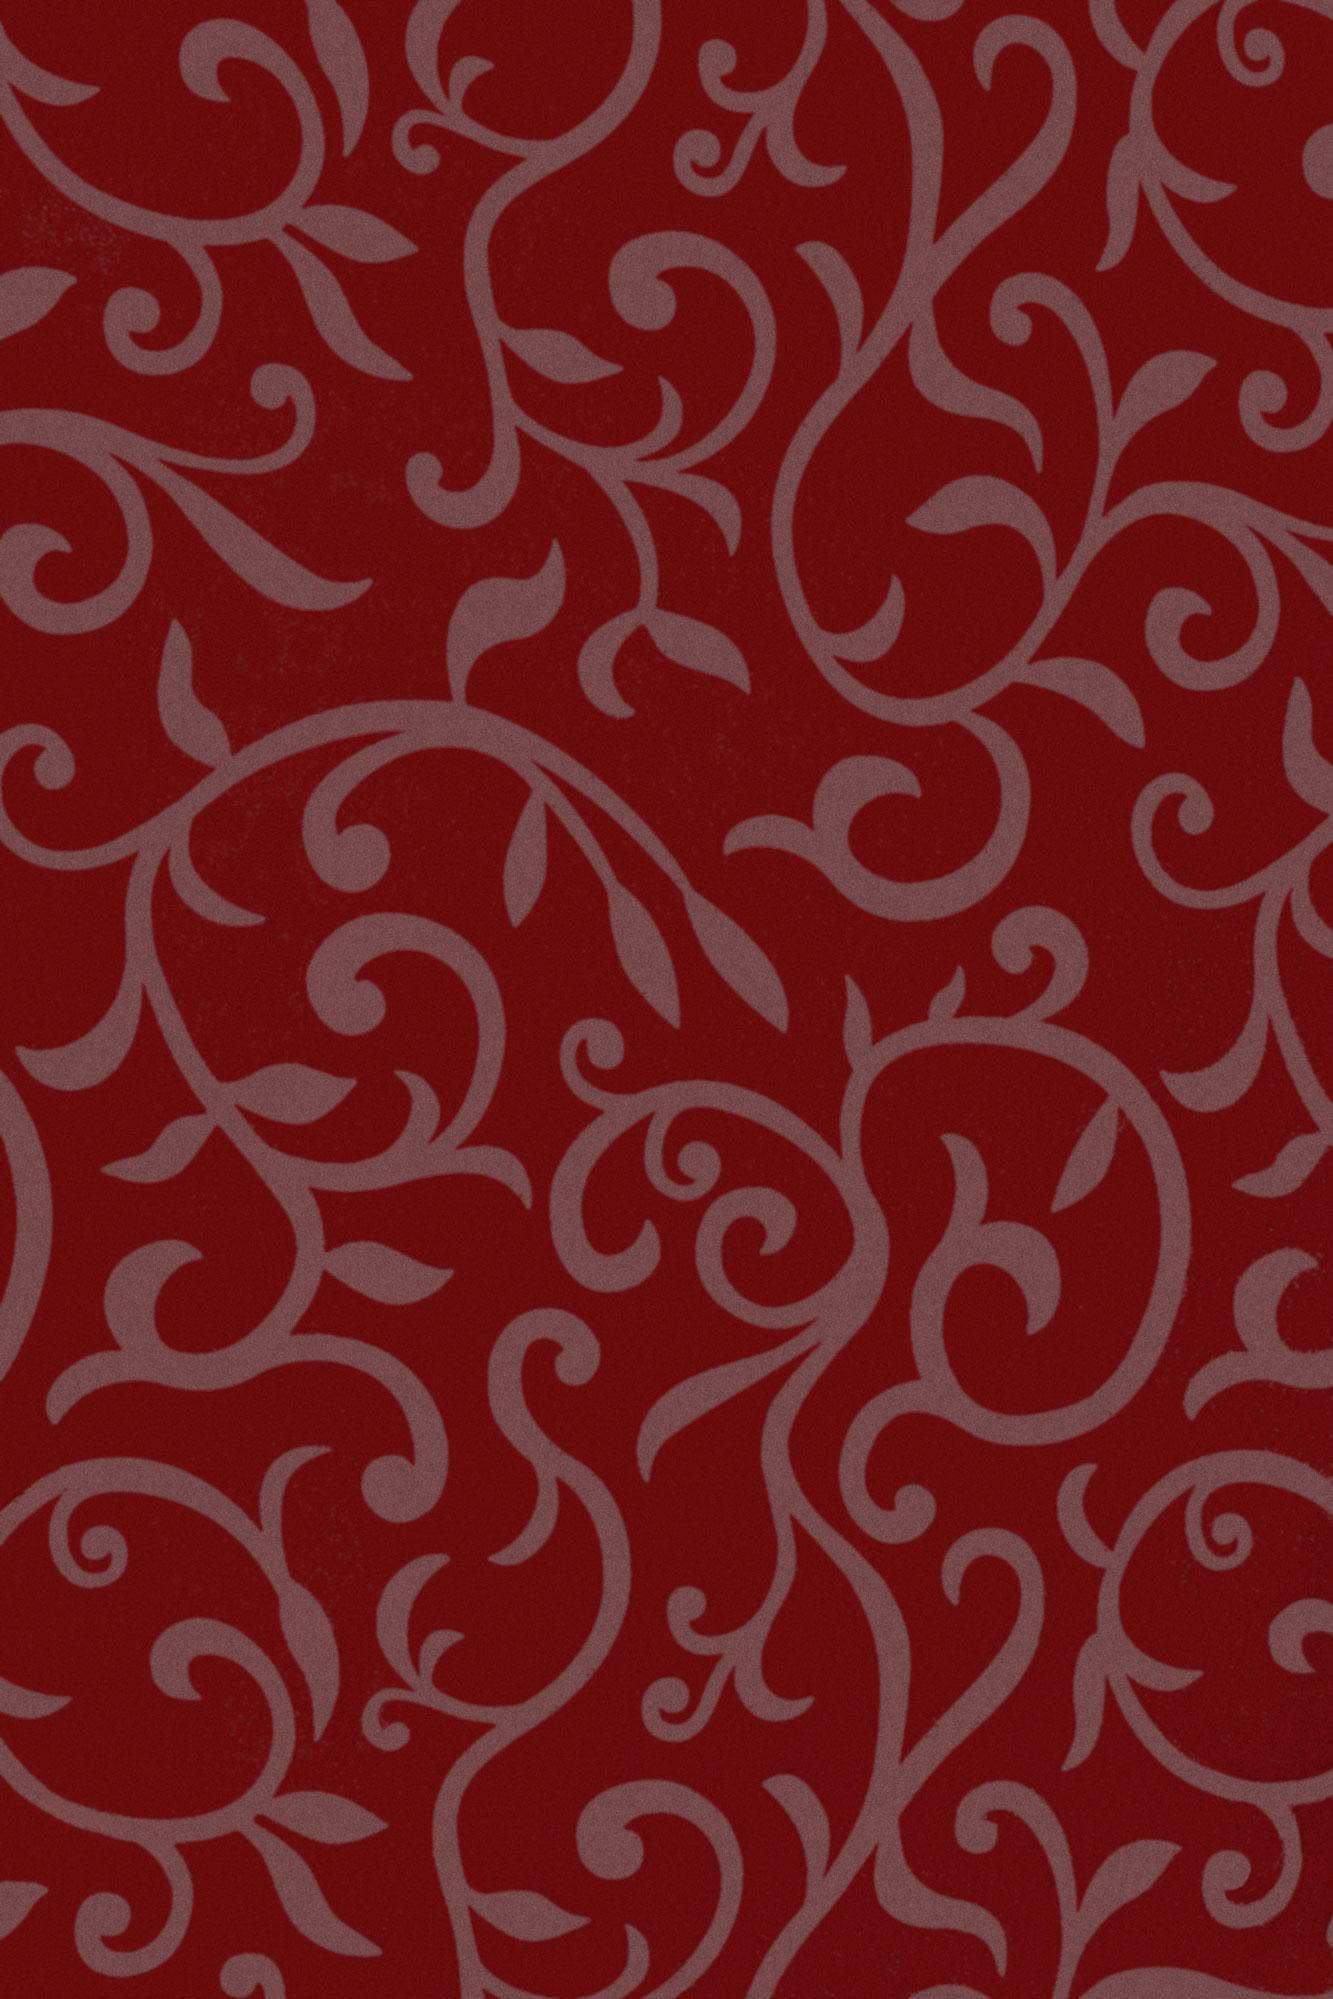 JM005 HG Флористика красная